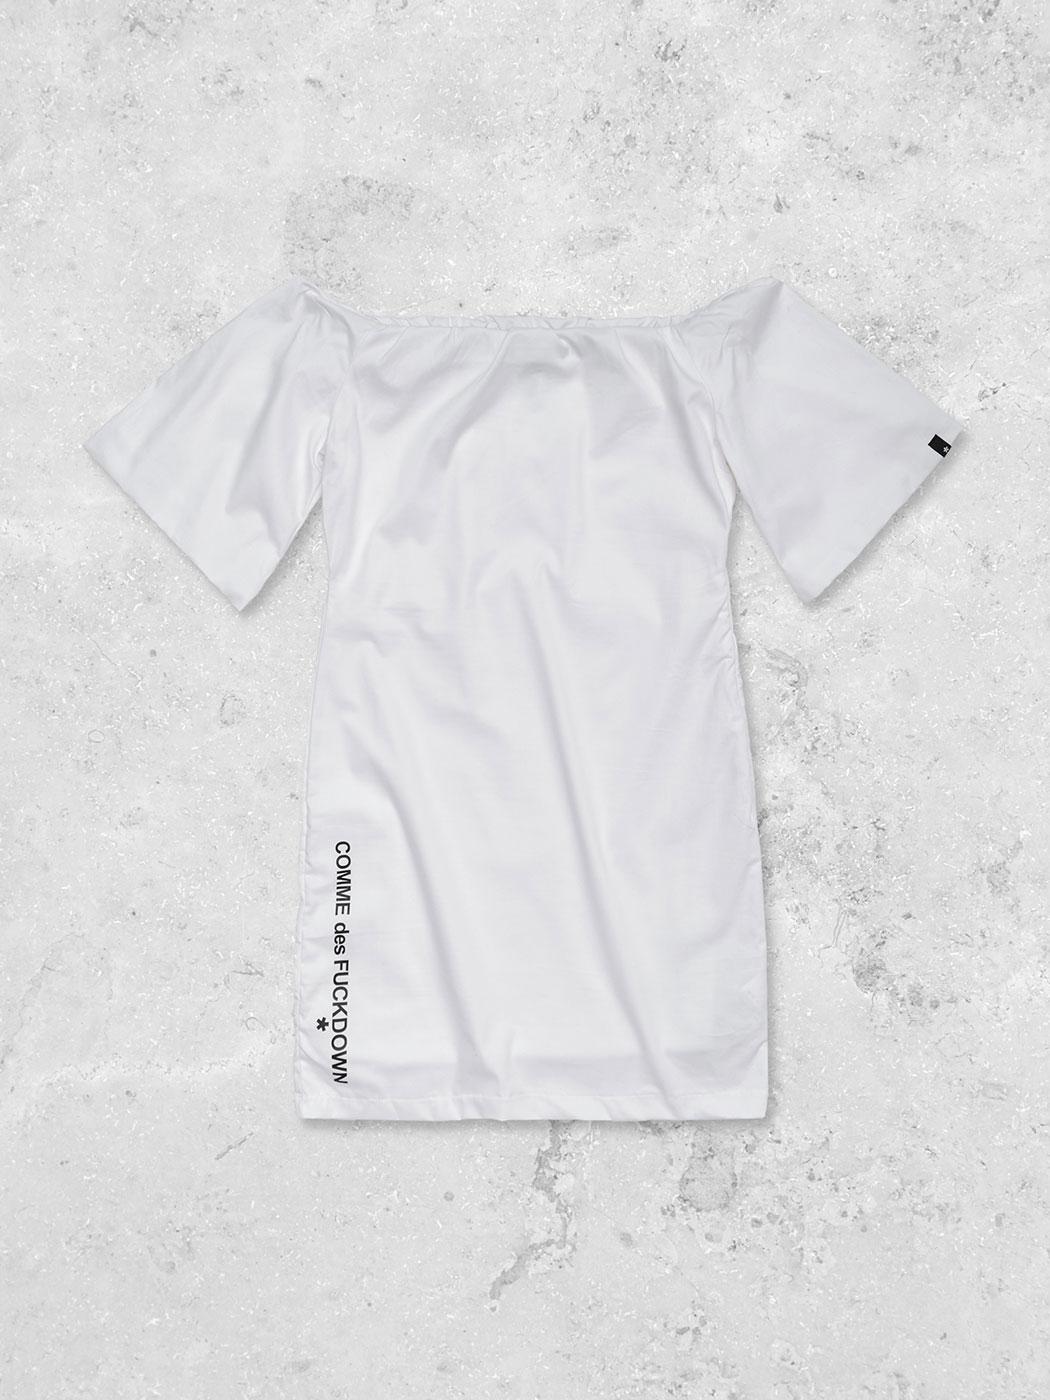 DRESS - CDFD1457 - COMME DES FKDOWN